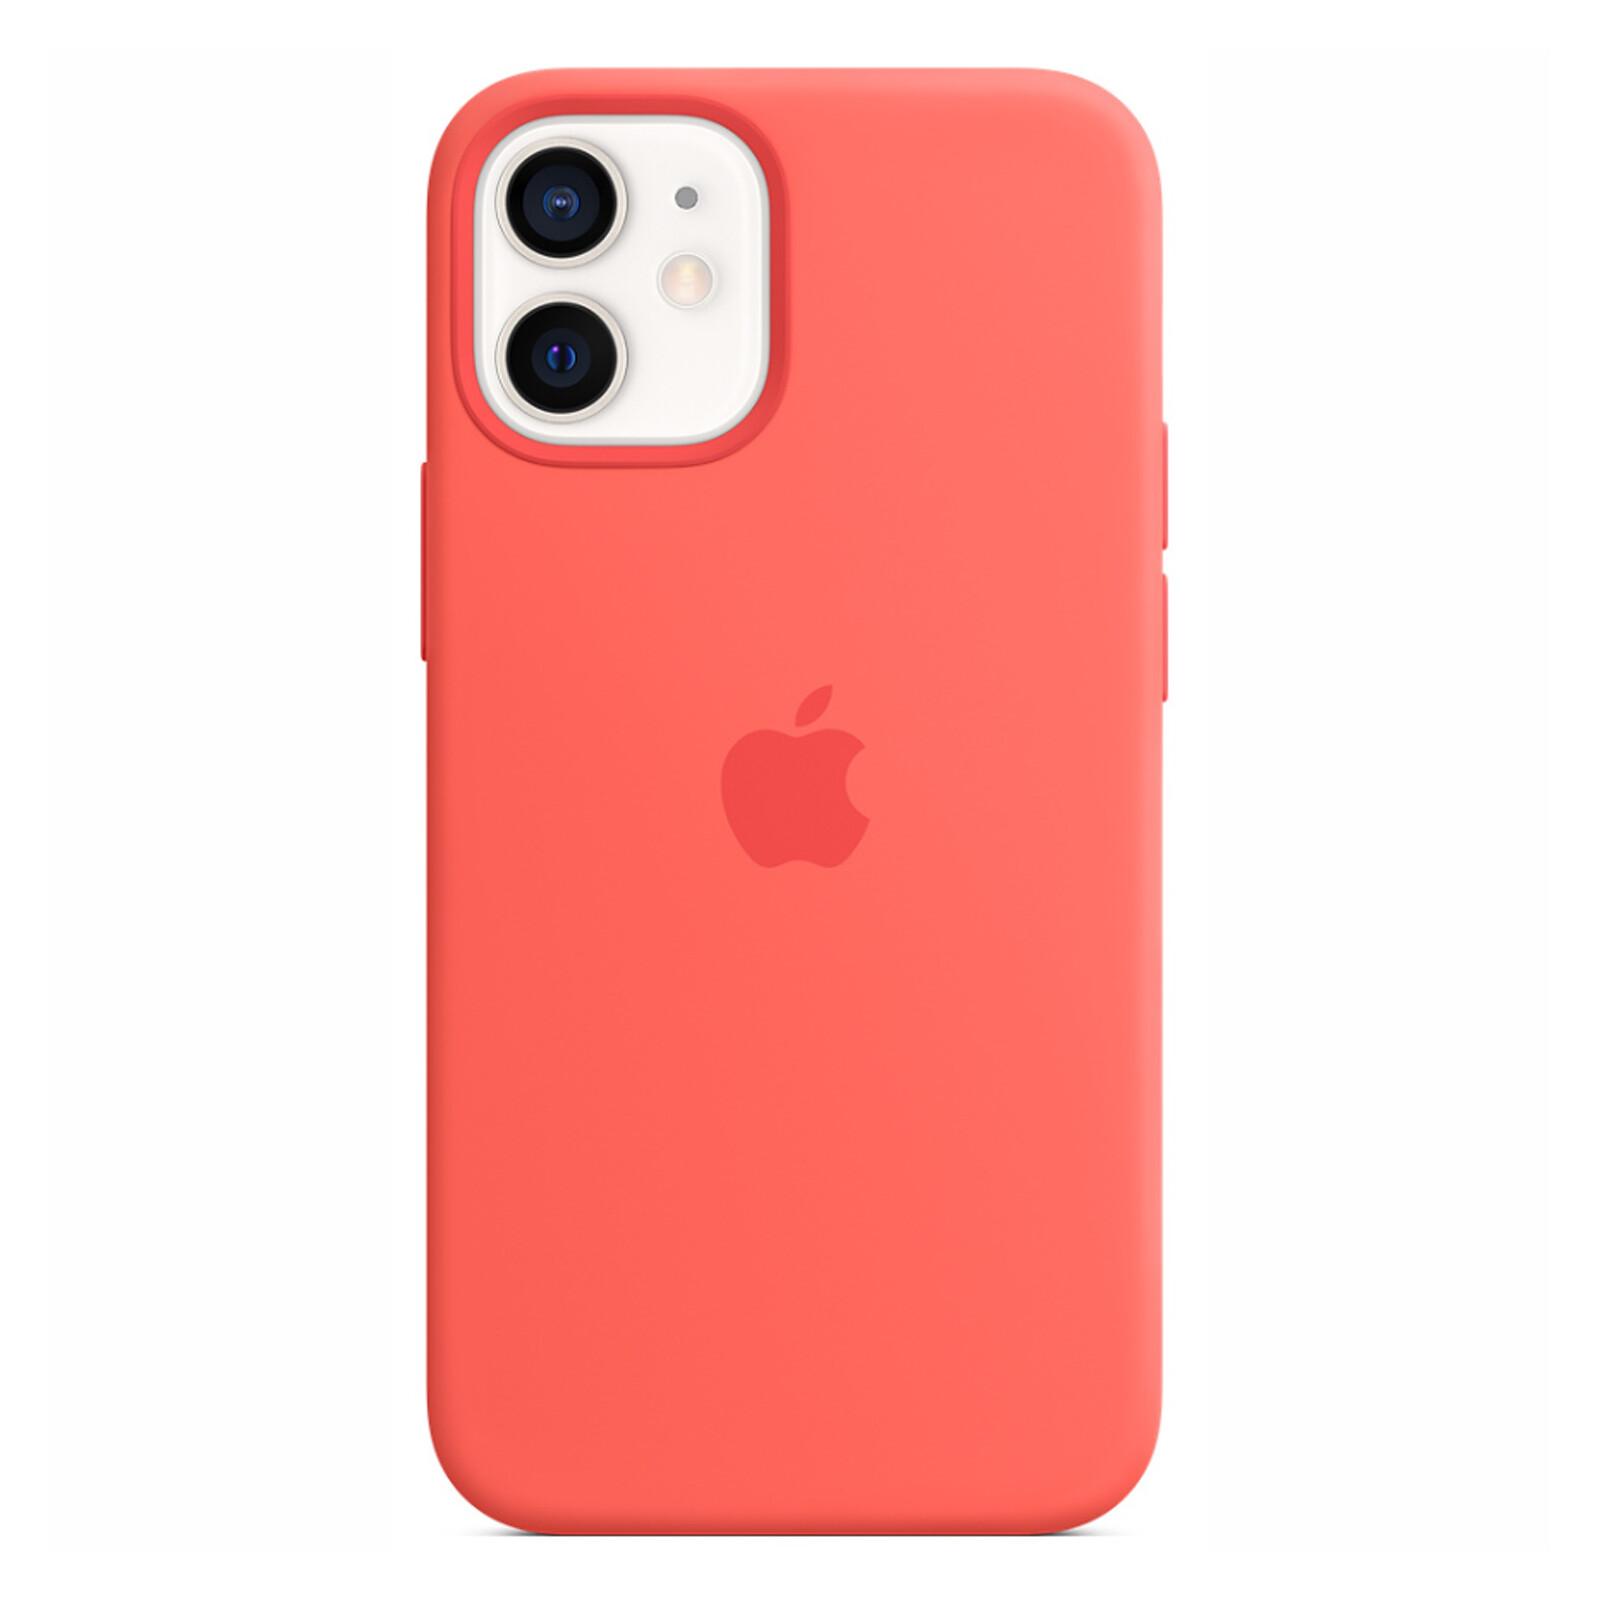 Apple iPhone 12 mini Silikon Case mit MagSafe zitruspink